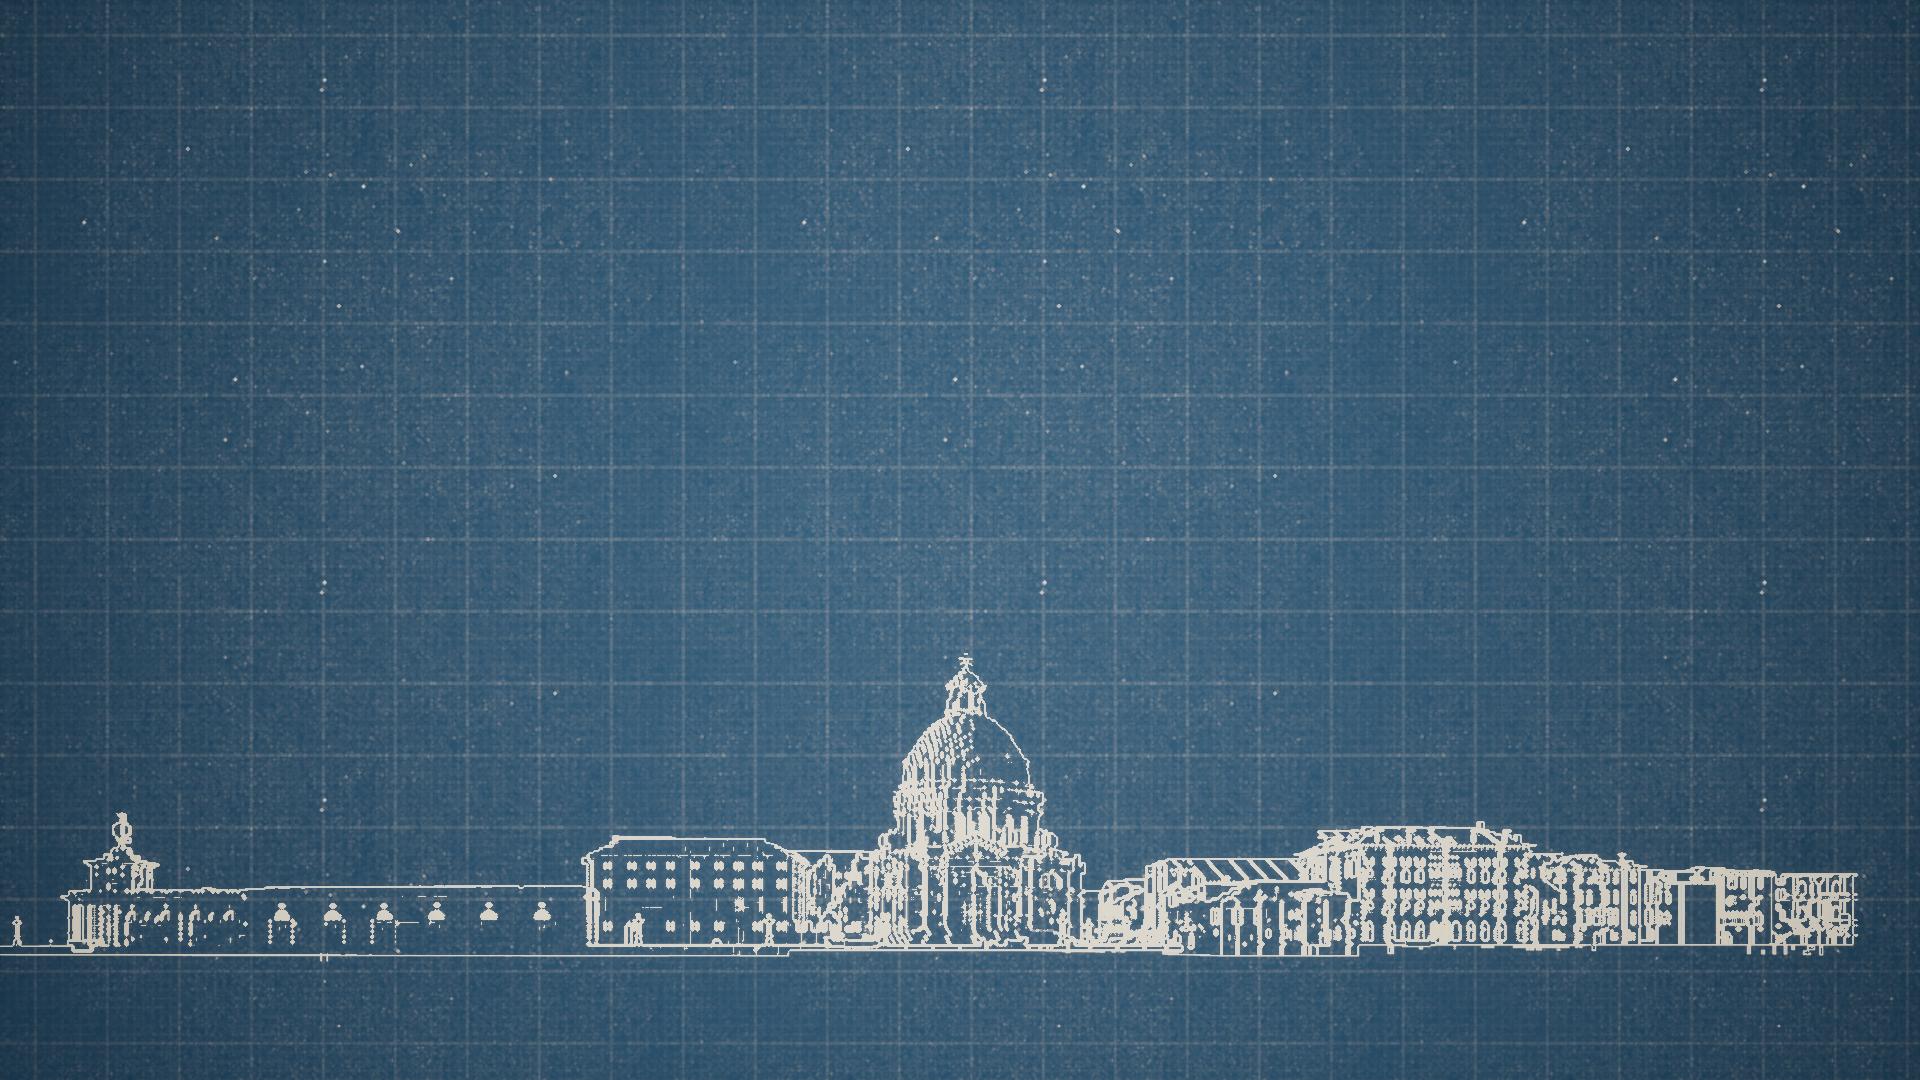 Venice Sketch Italy 1920x1080